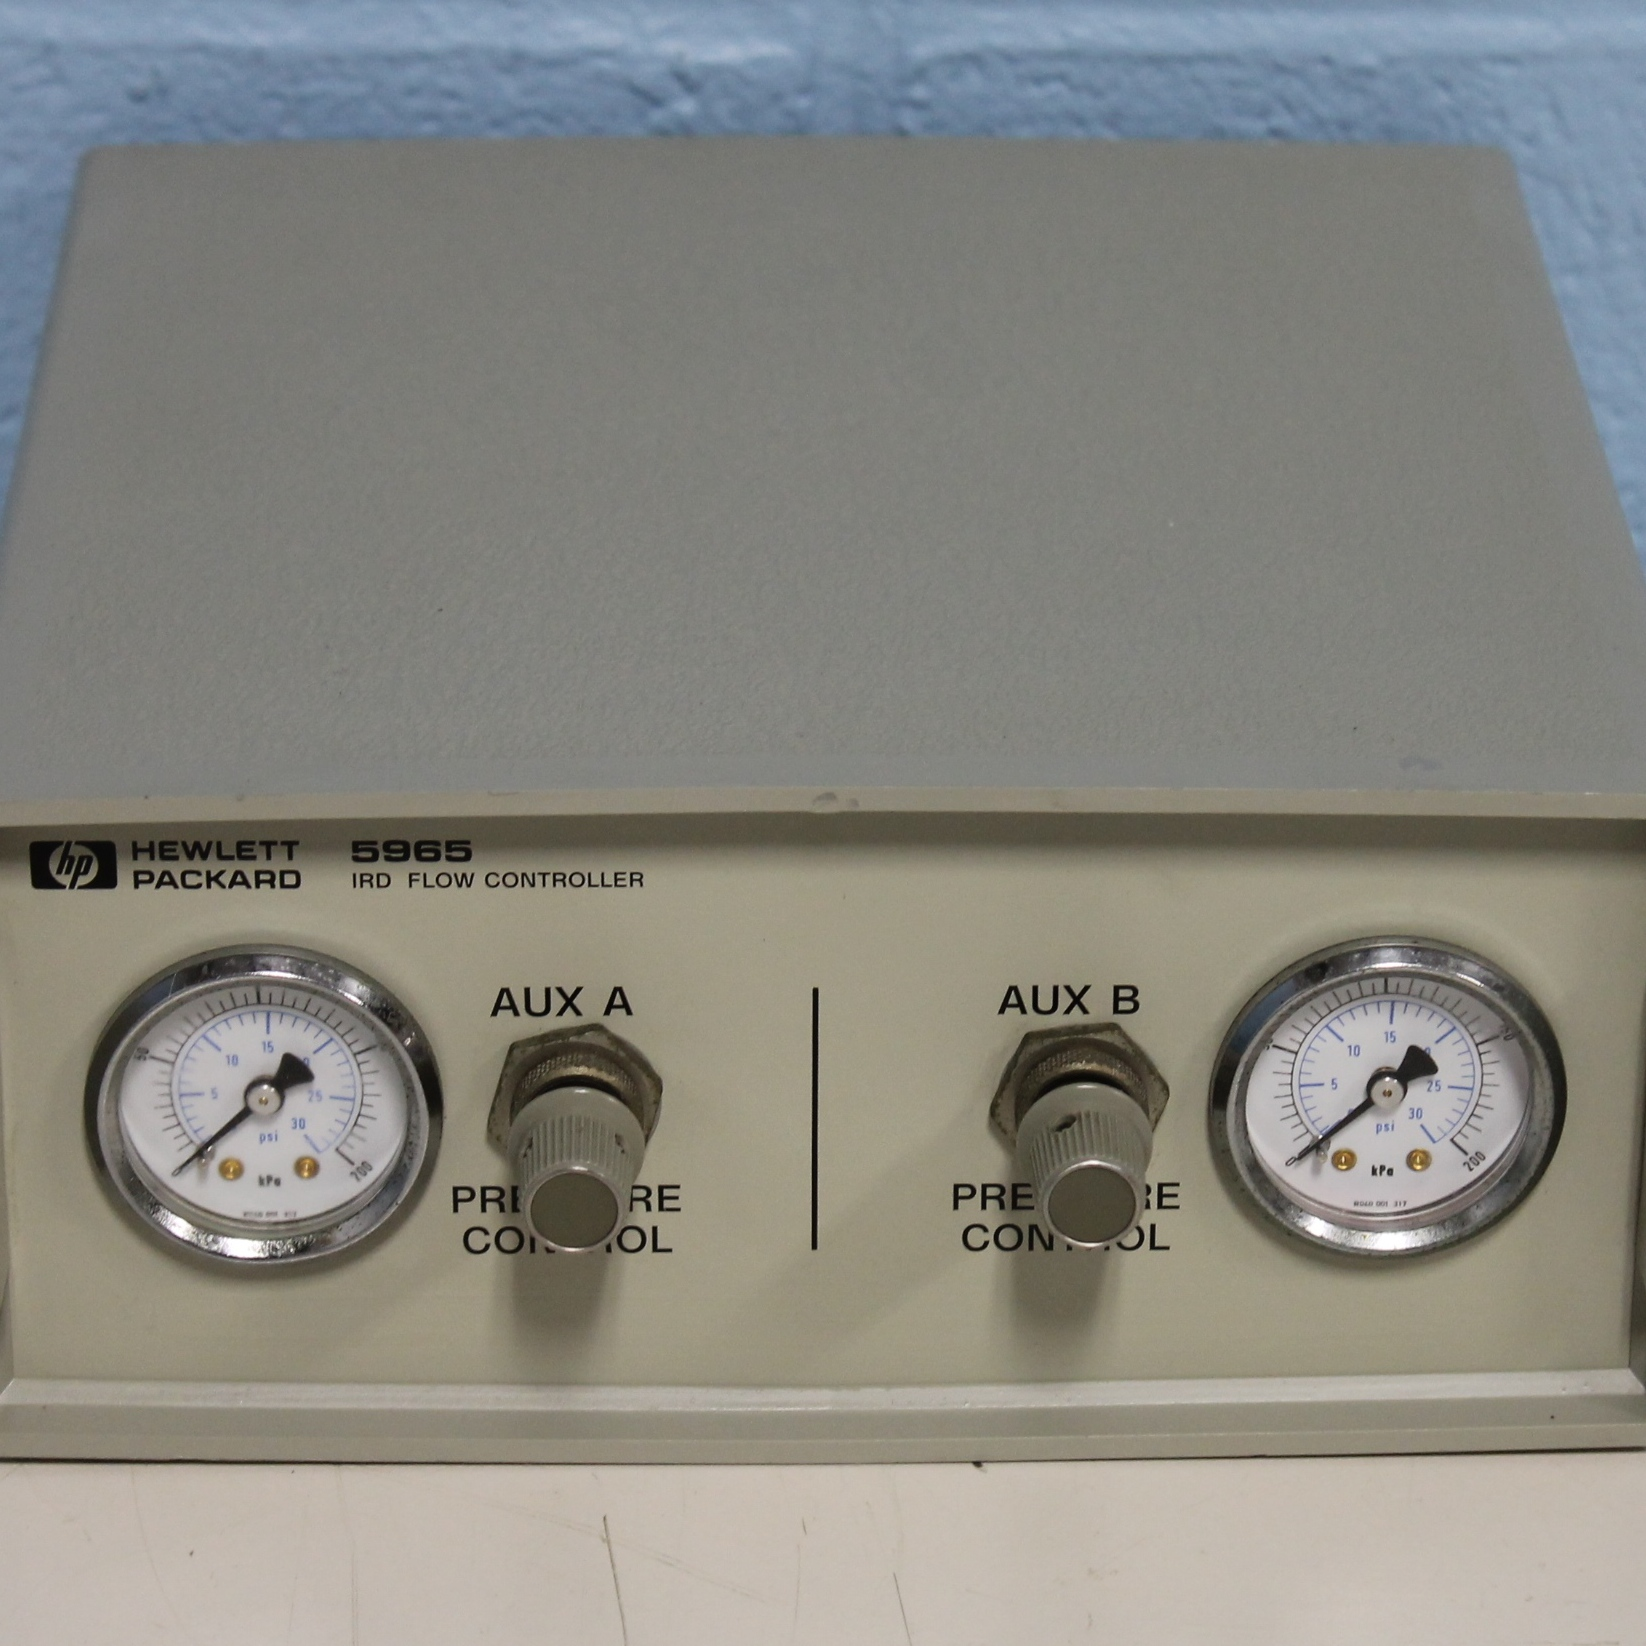 Hewlett Packard 5965 IRD Flow Controller Model Image